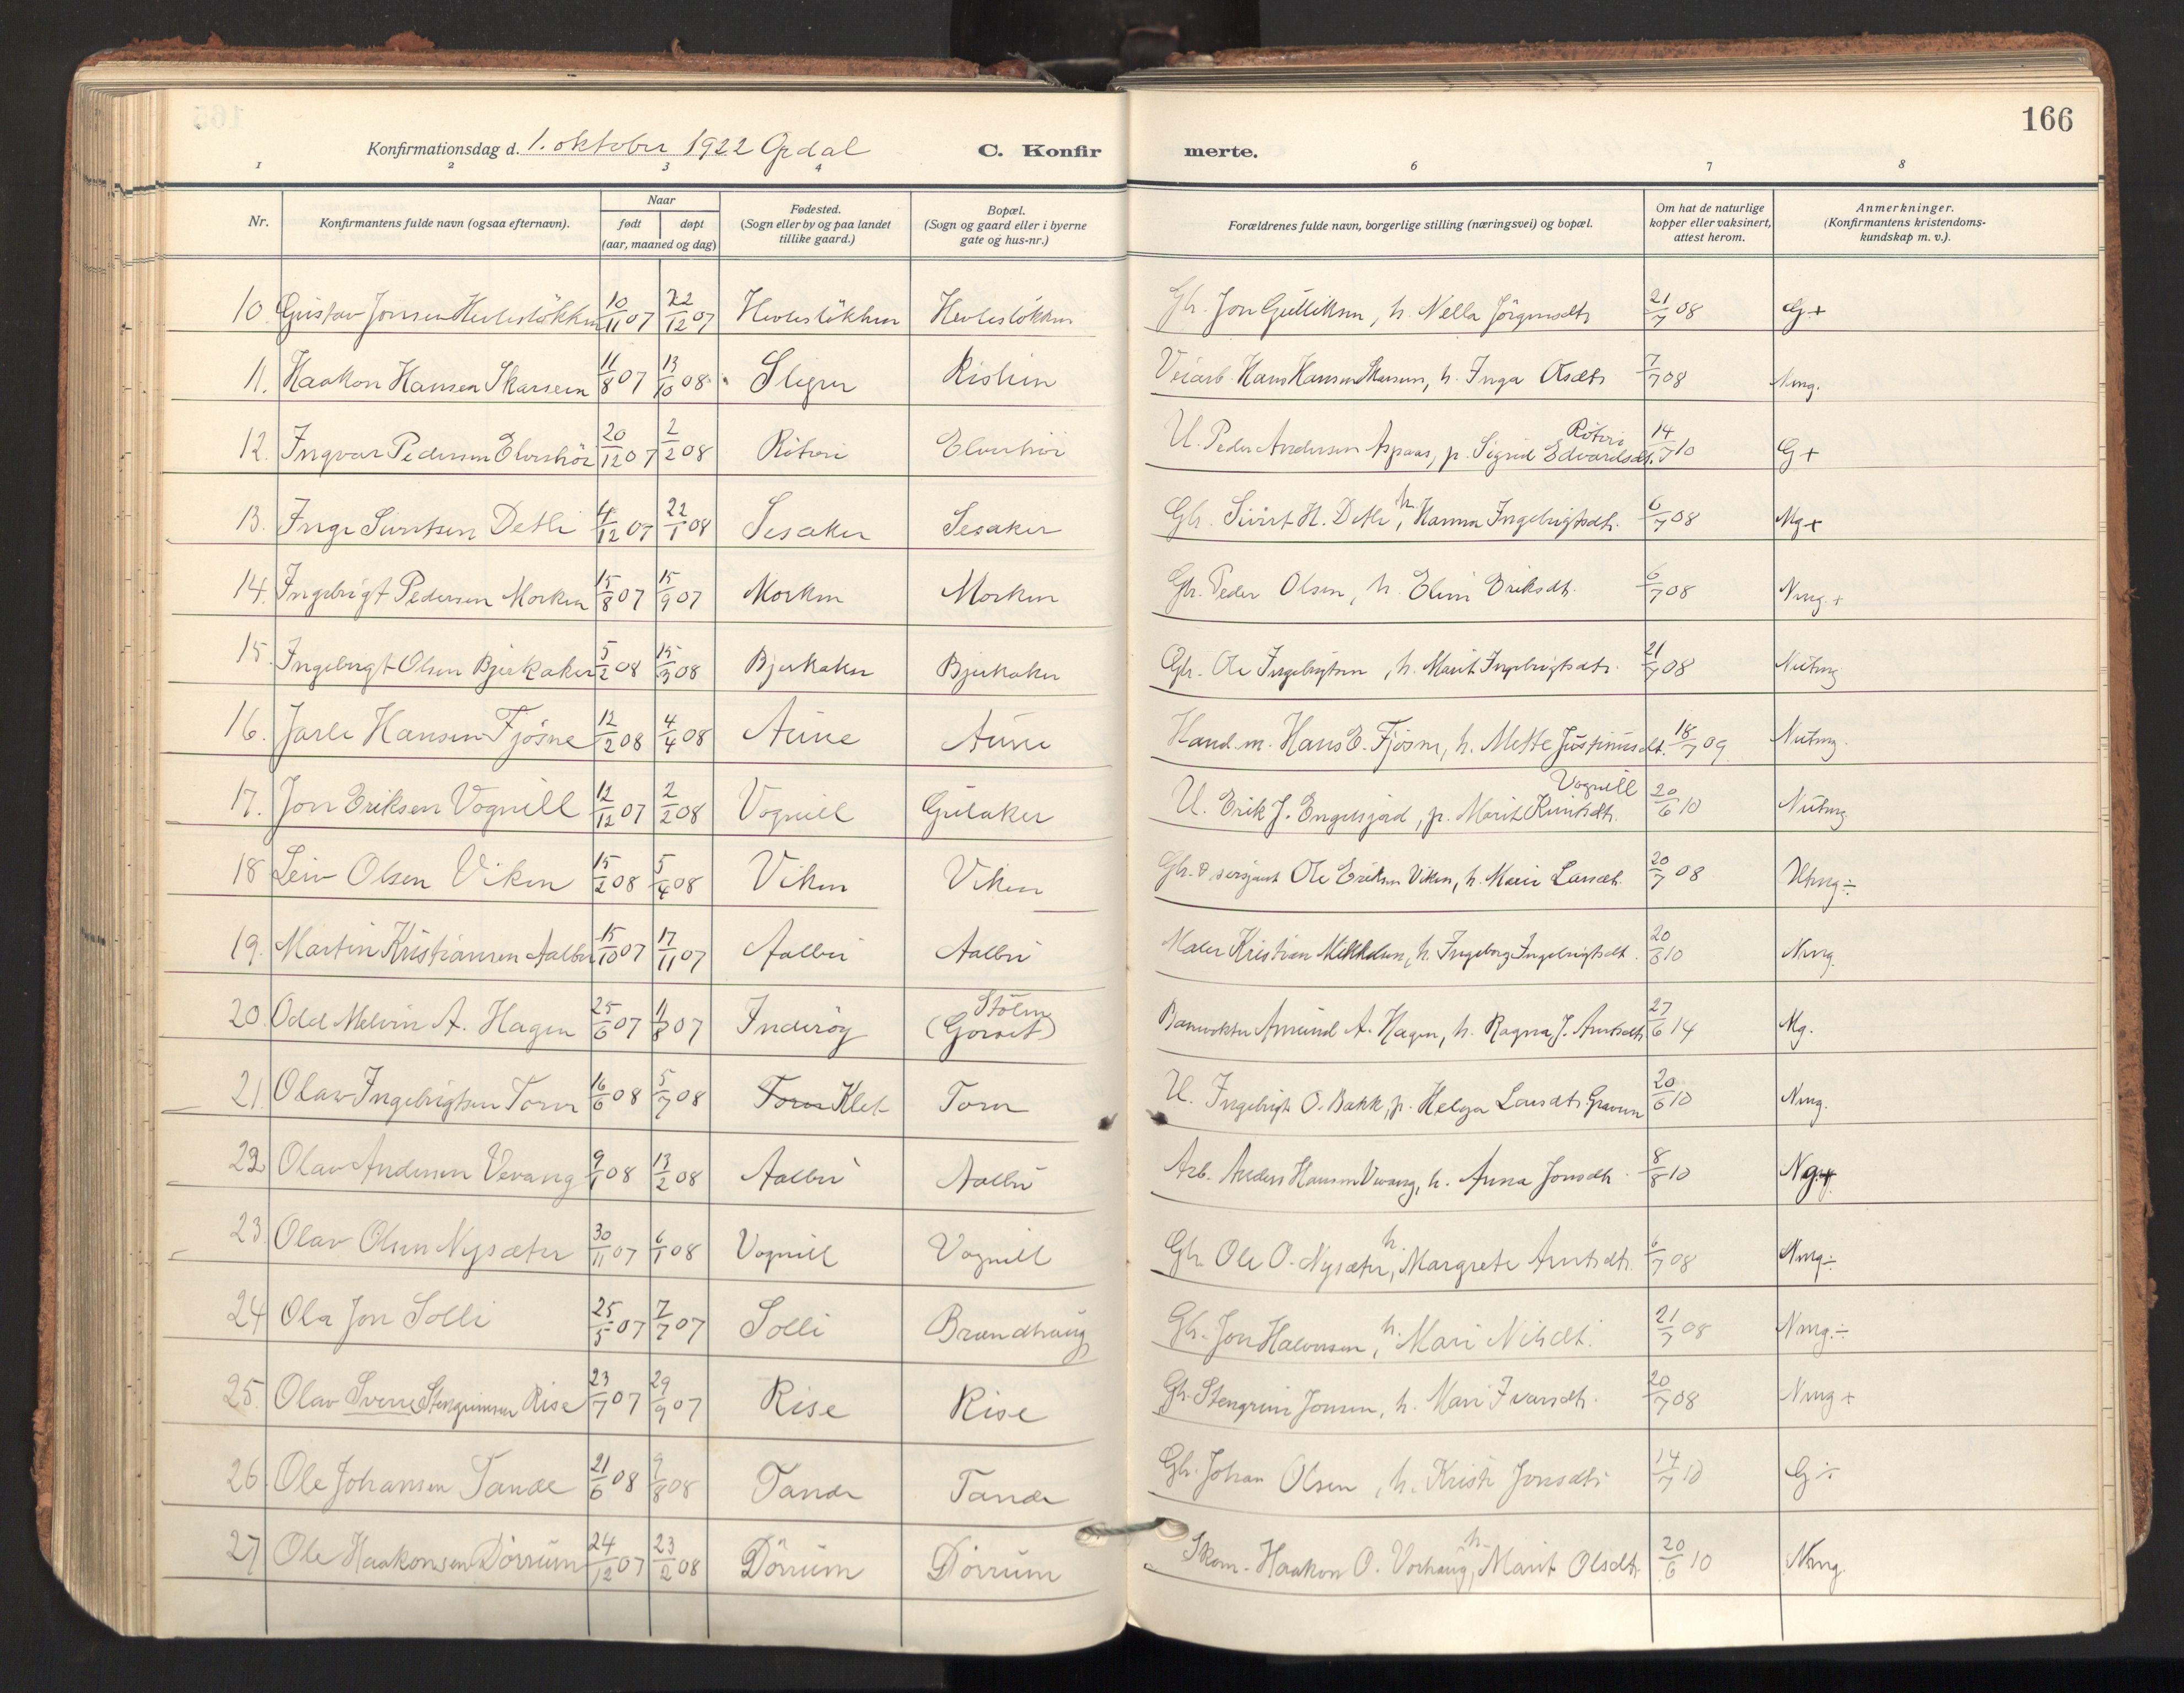 SAT, Ministerialprotokoller, klokkerbøker og fødselsregistre - Sør-Trøndelag, 678/L0909: Ministerialbok nr. 678A17, 1912-1930, s. 166